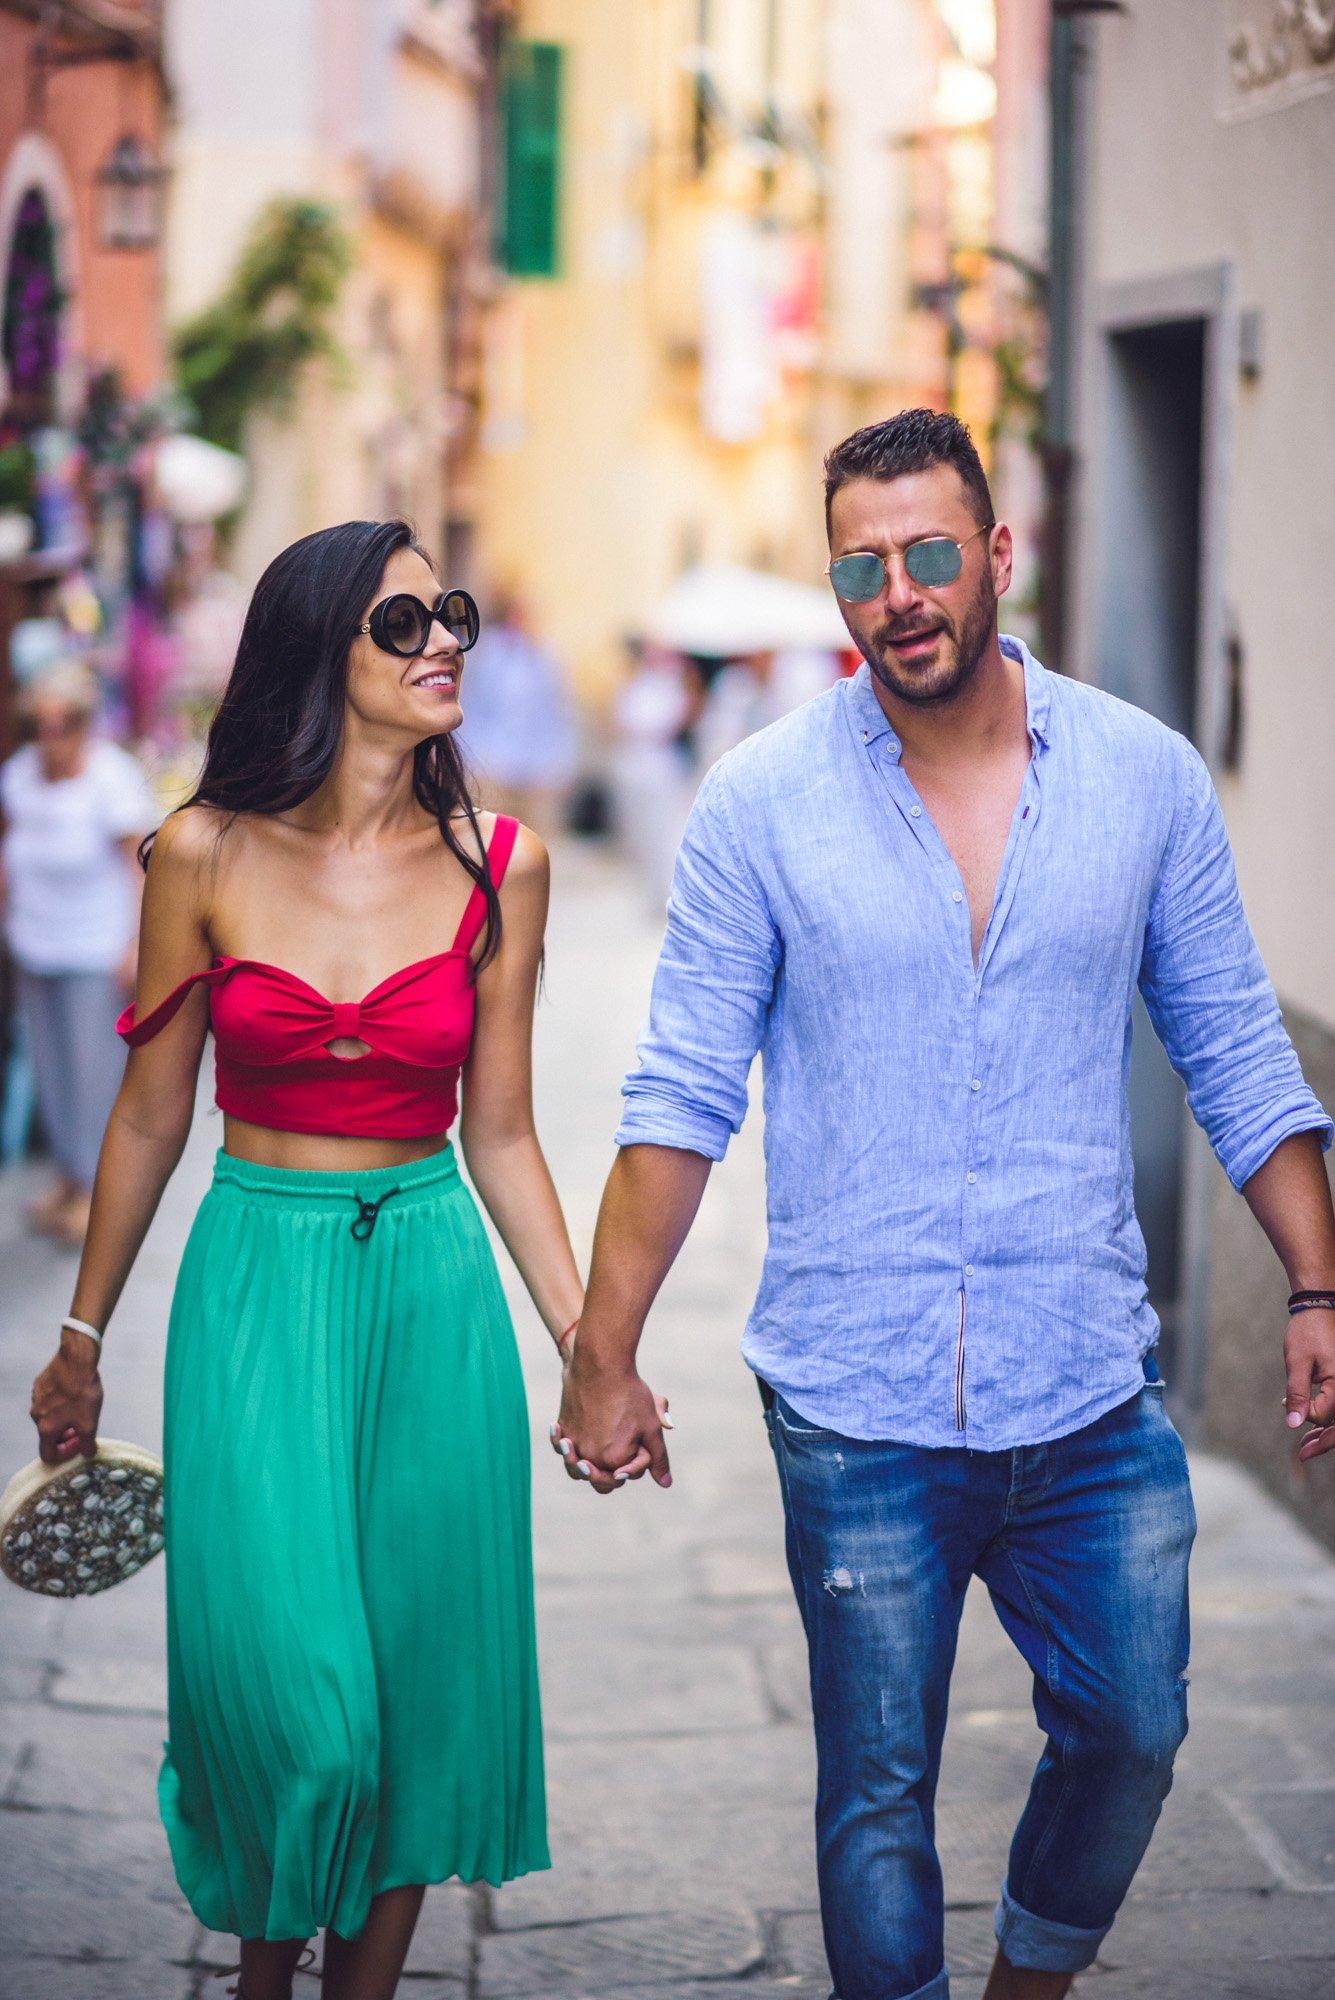 Сватба в Италия - Младоженци се разхождат по улиците на Порто Венере